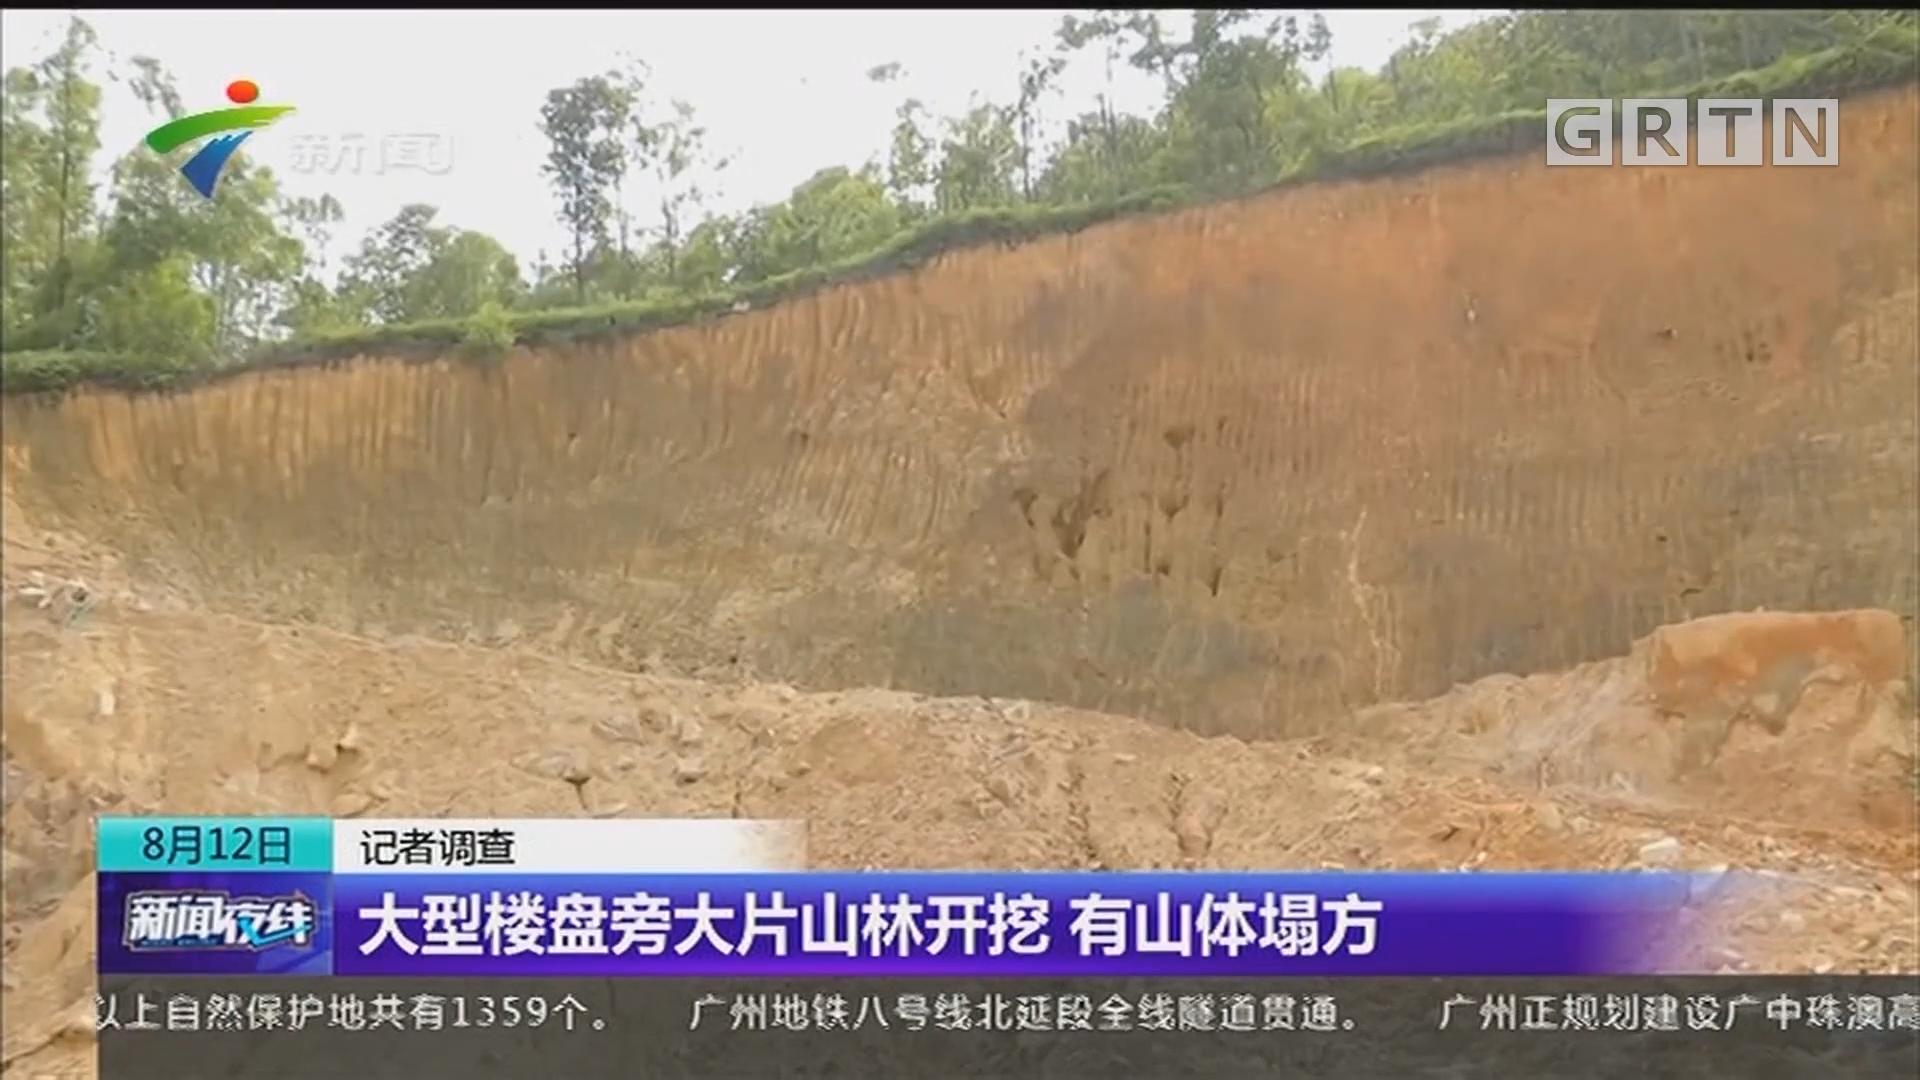 大型楼盘旁大片山林开挖 有山体塌方